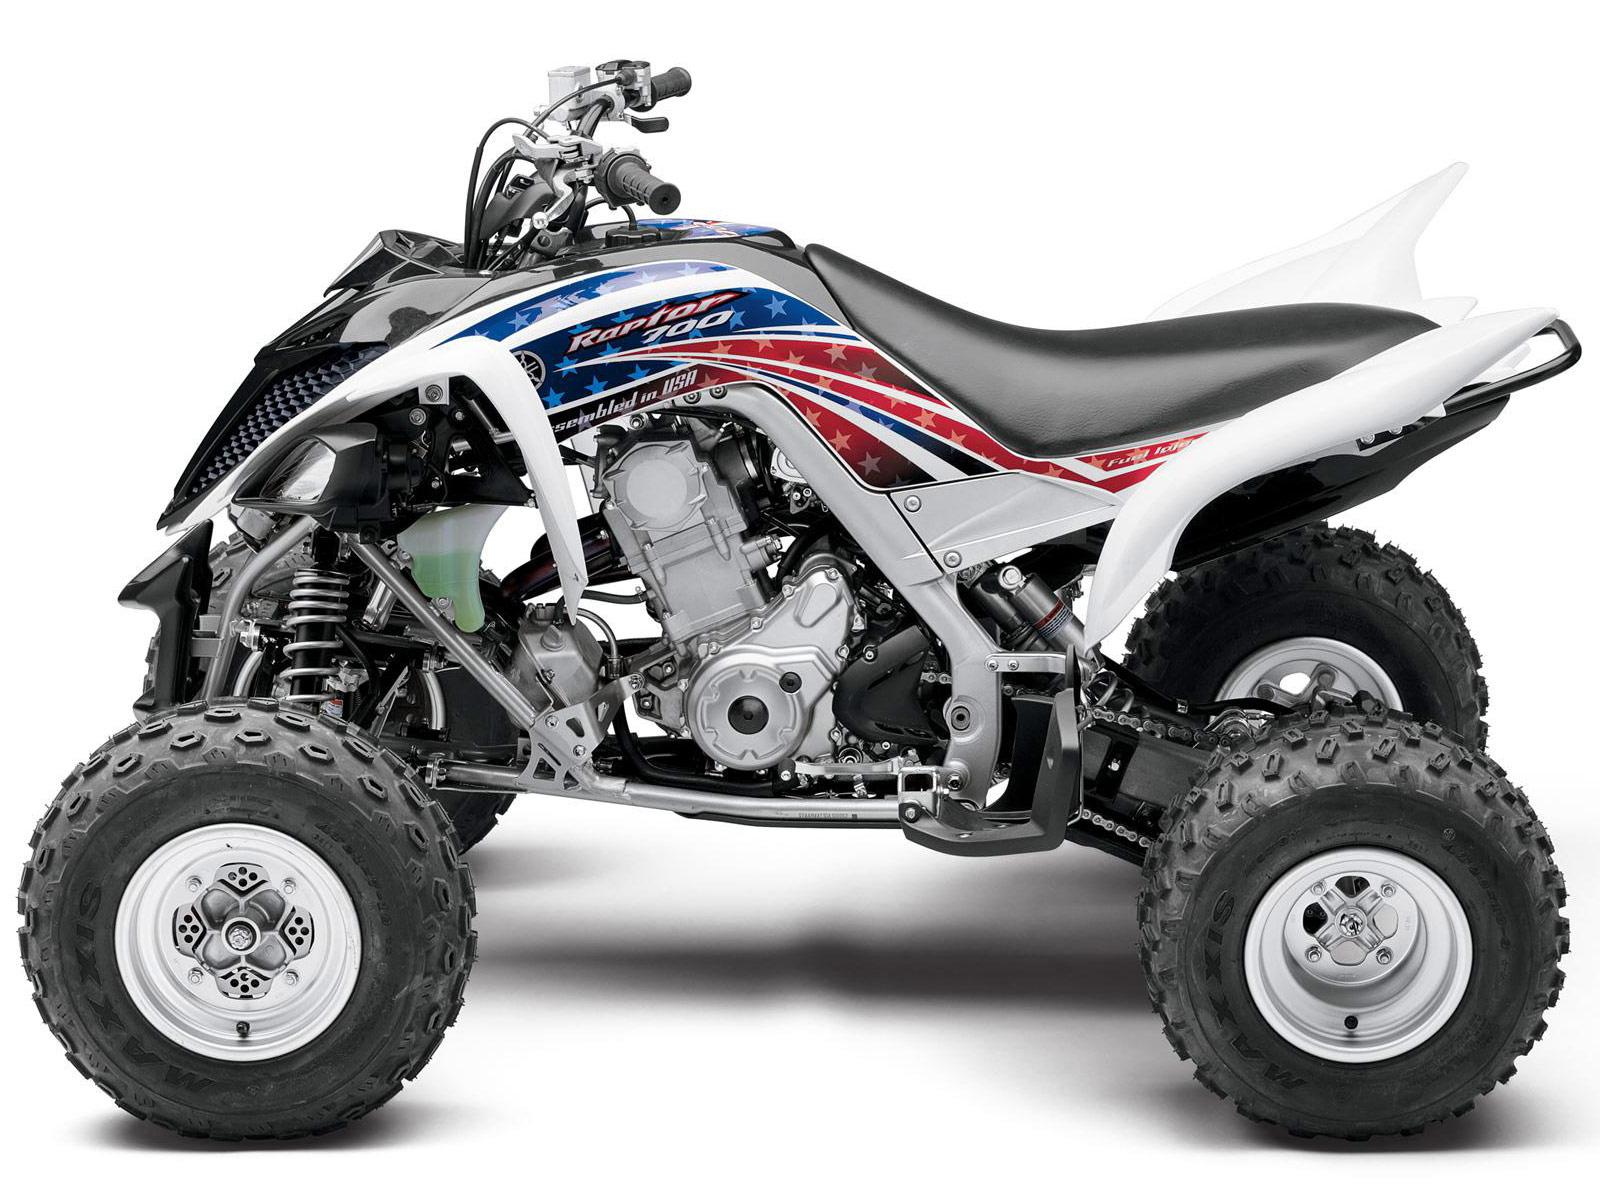 YAMAHA photos   2013 Raptor 700 ATV review and ...